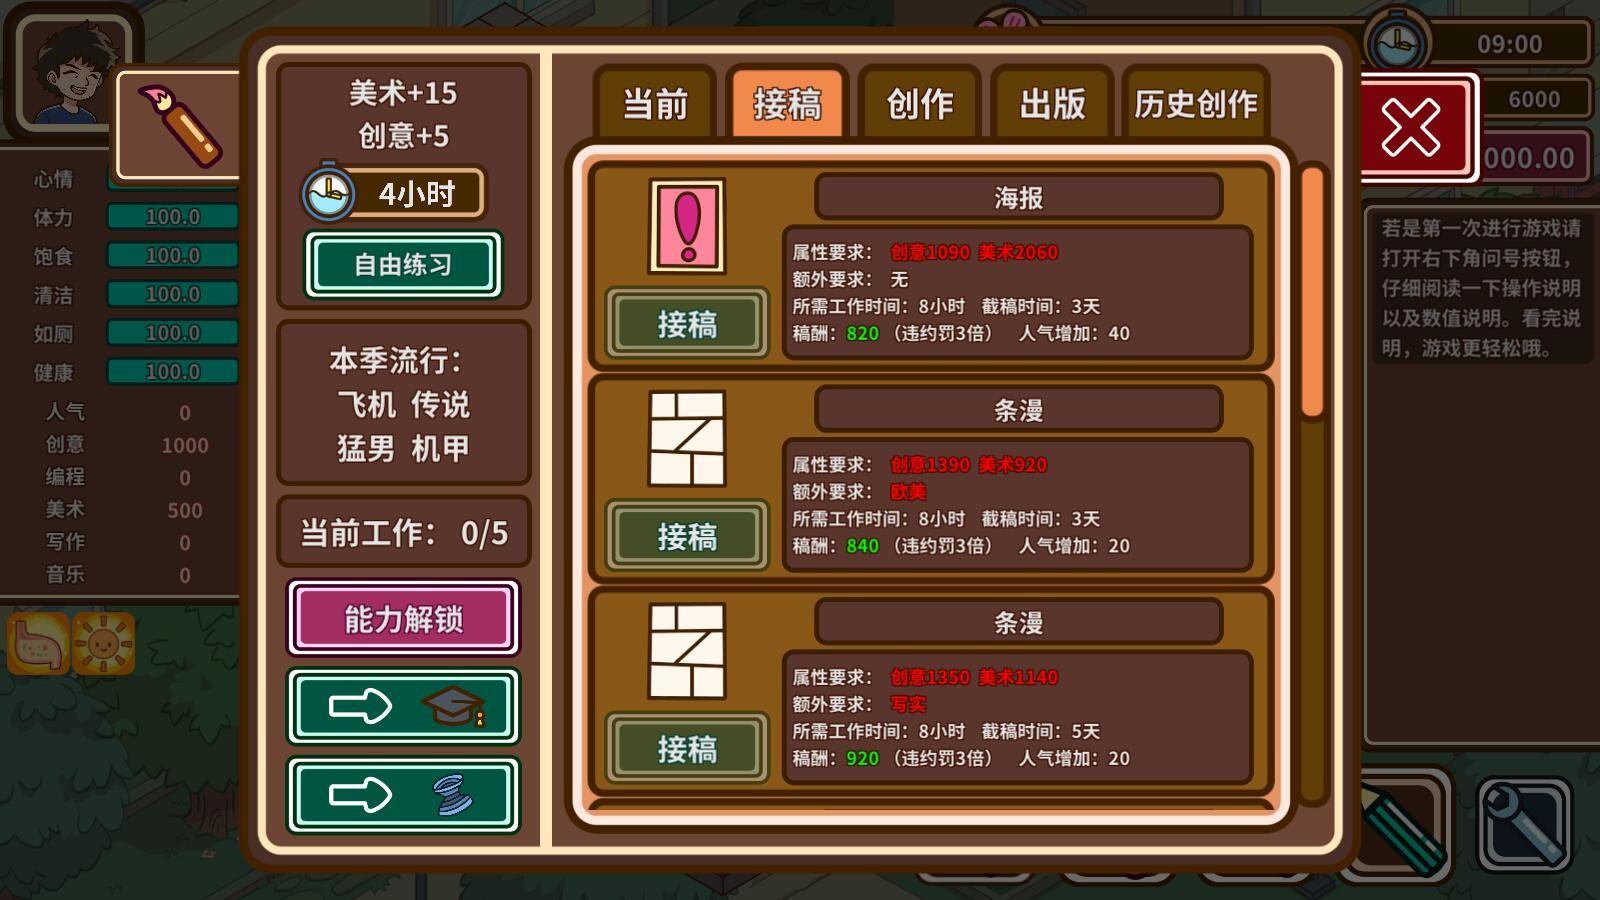 宅人传说(v1.0)插图5